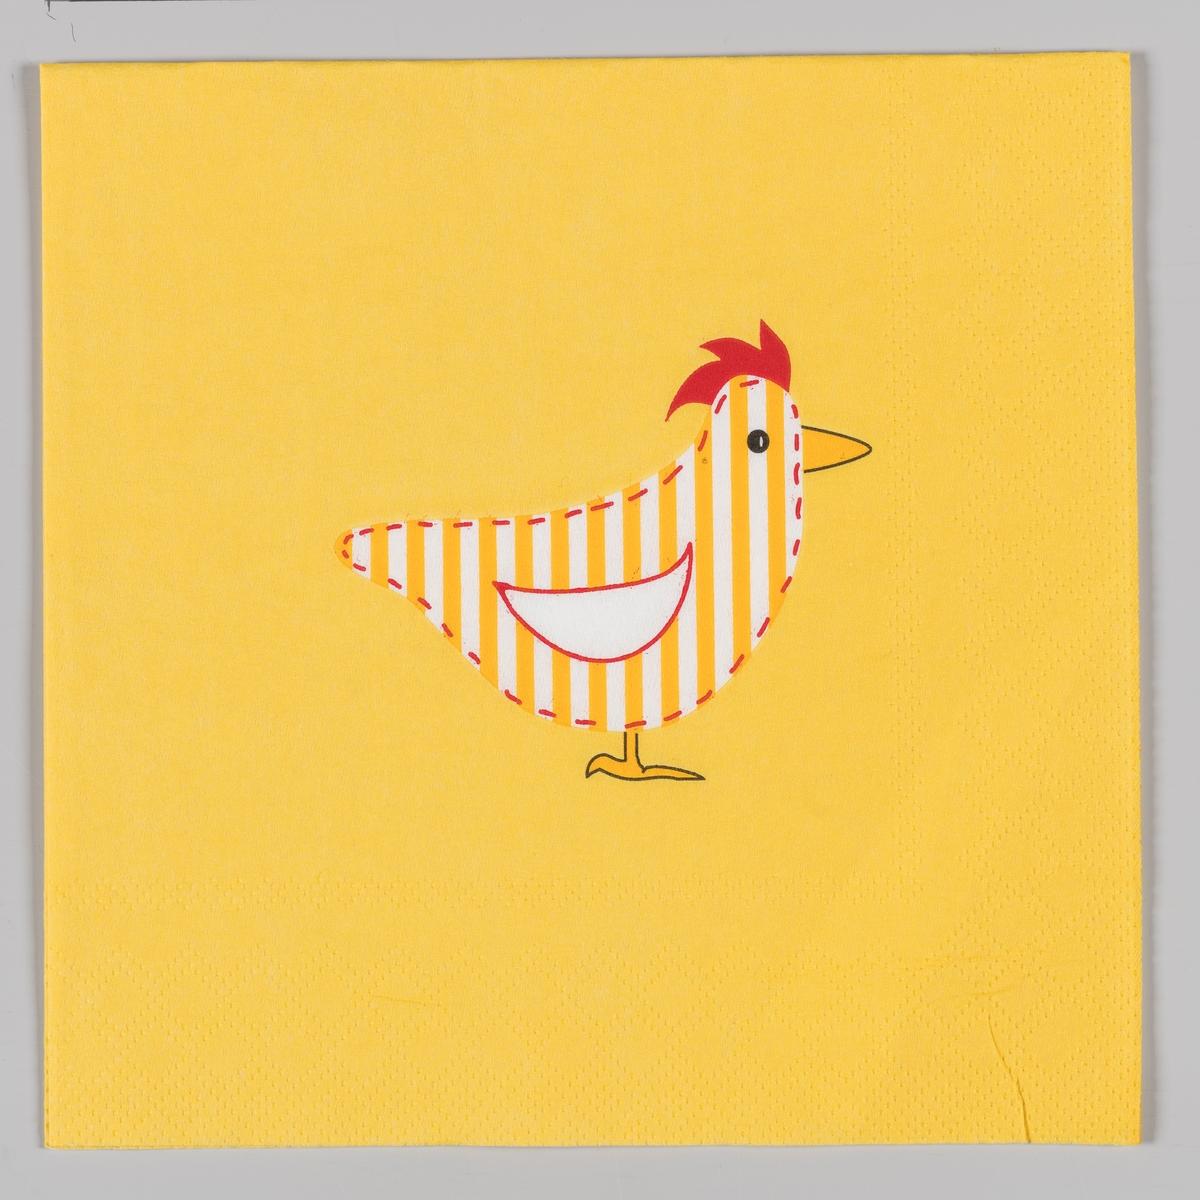 En gul og hvit stripete høne på en gul bakgrunn.